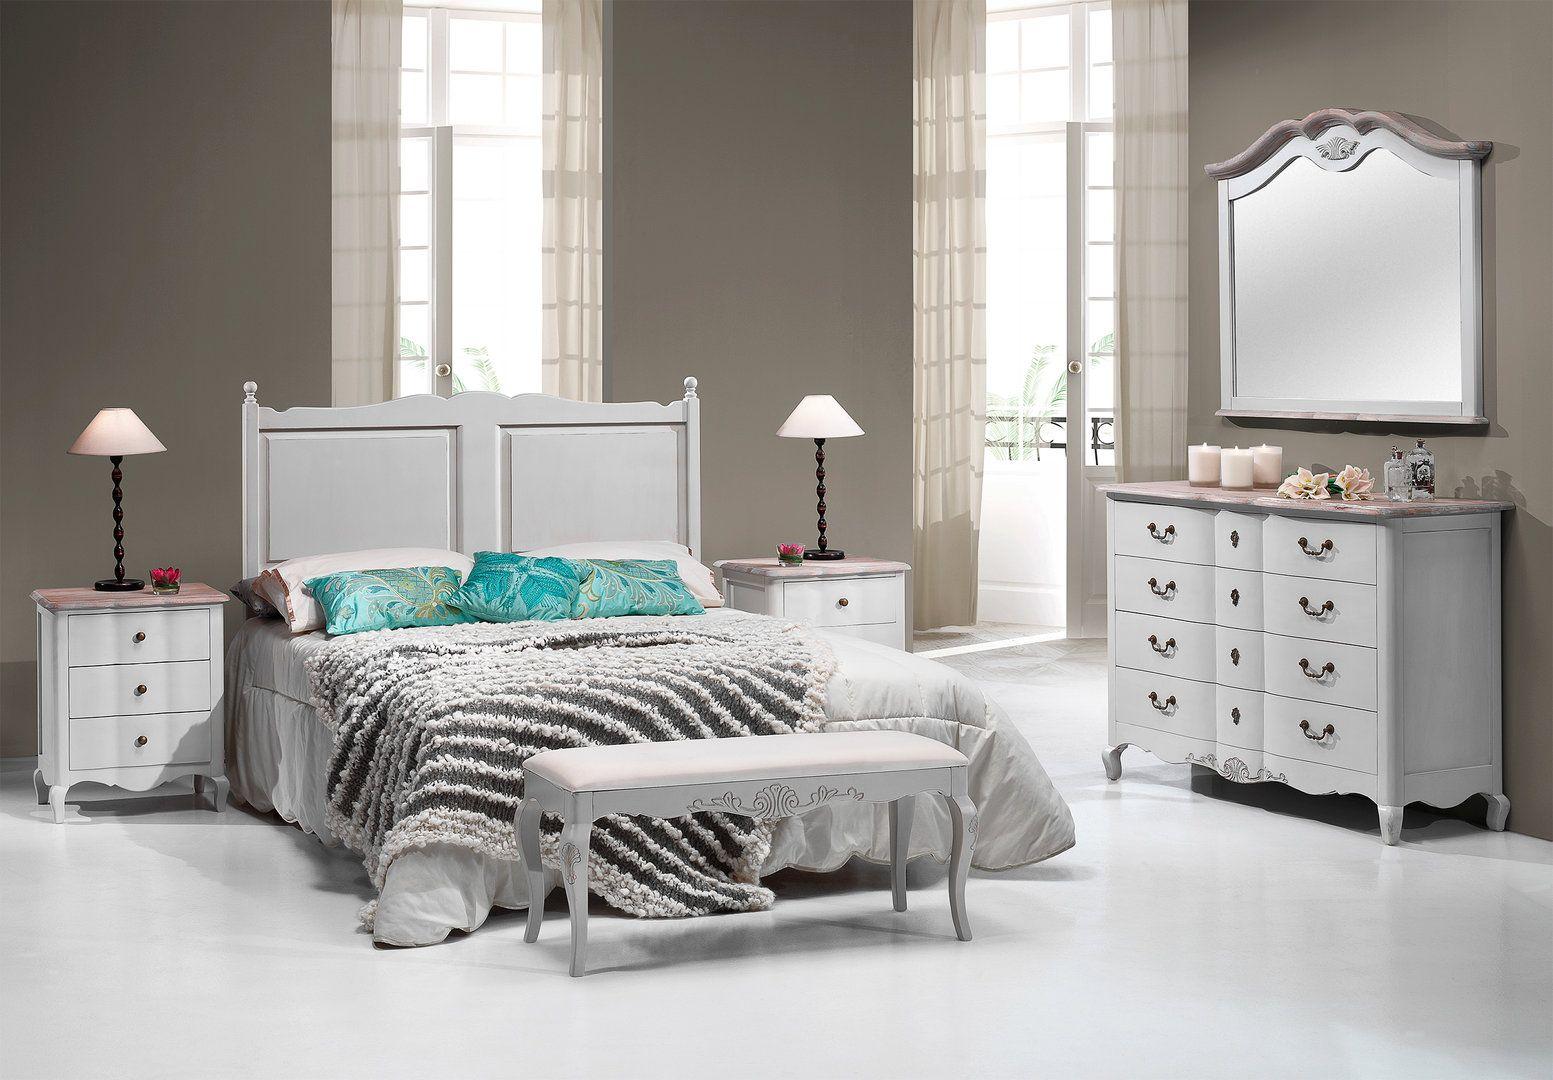 Dormitorio blanco de matrimonio provence dormitorios for Catalogo de muebles de dormitorio